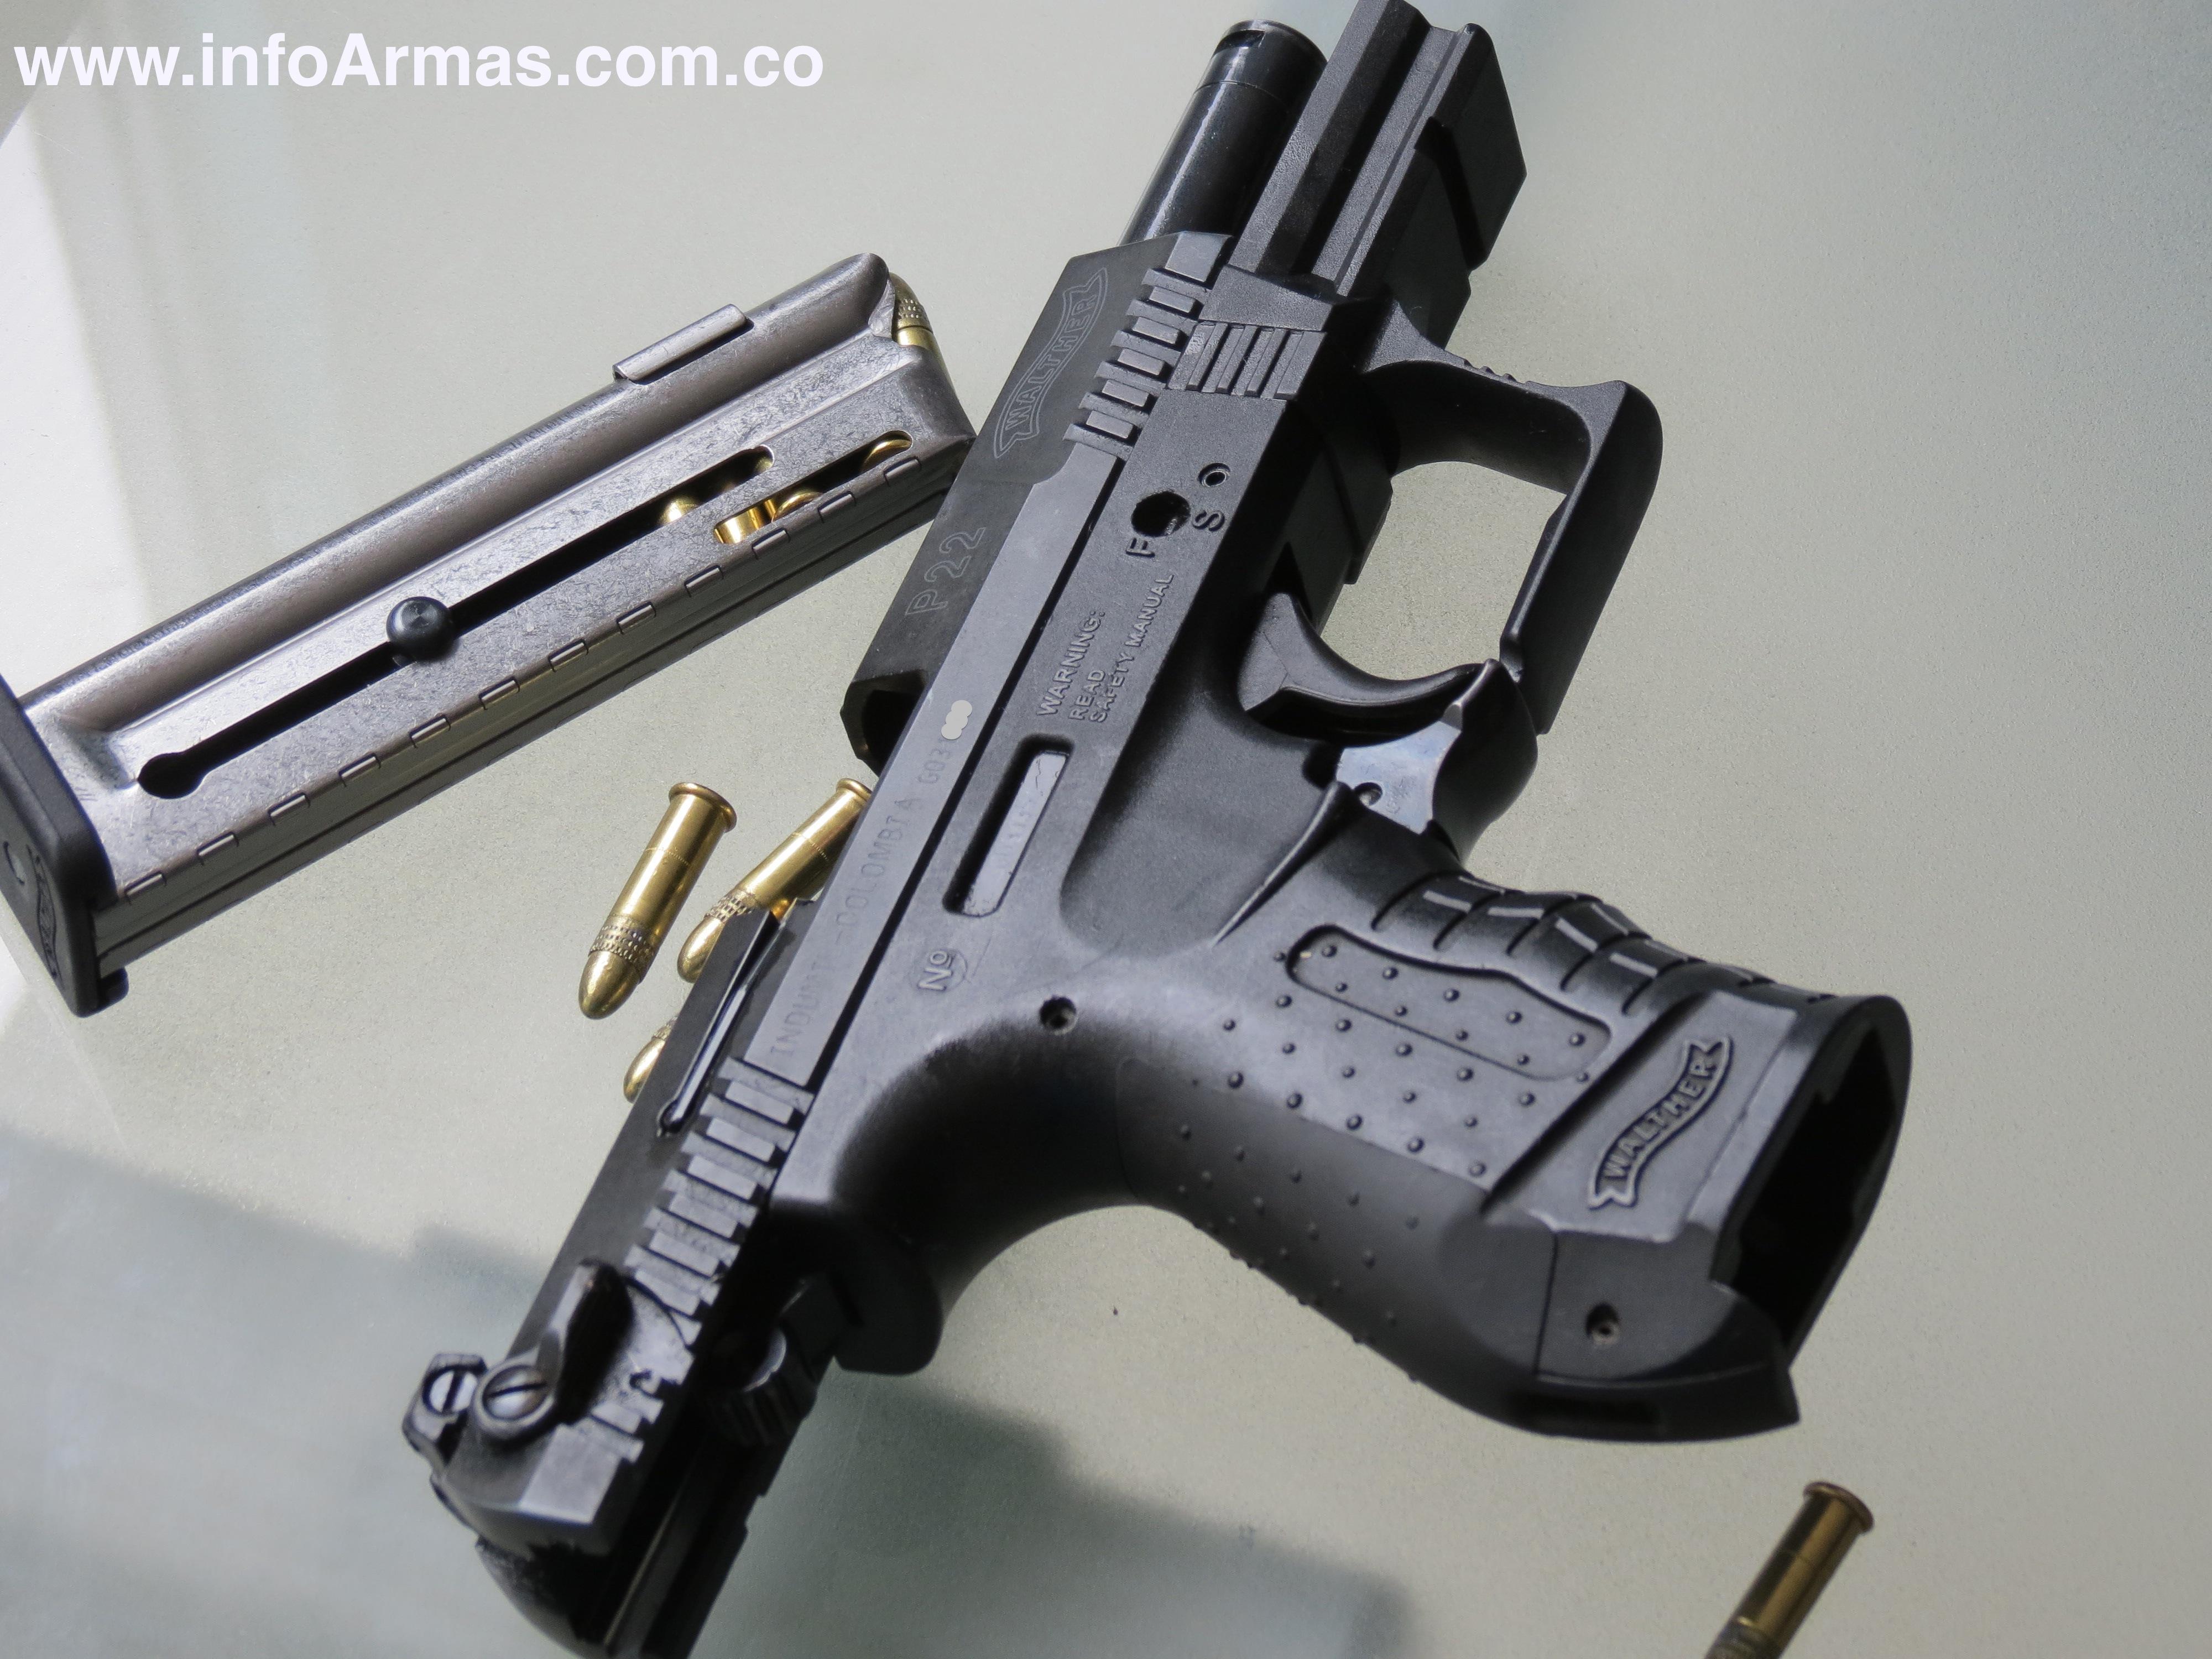 Pistola Walther P22 calibre 22L Capacidad de carga 10 cartuchos PRECIO $  3.670.000 mas Asesoría. | BIENVENIDOS AL BLOG DE INFOARMAS